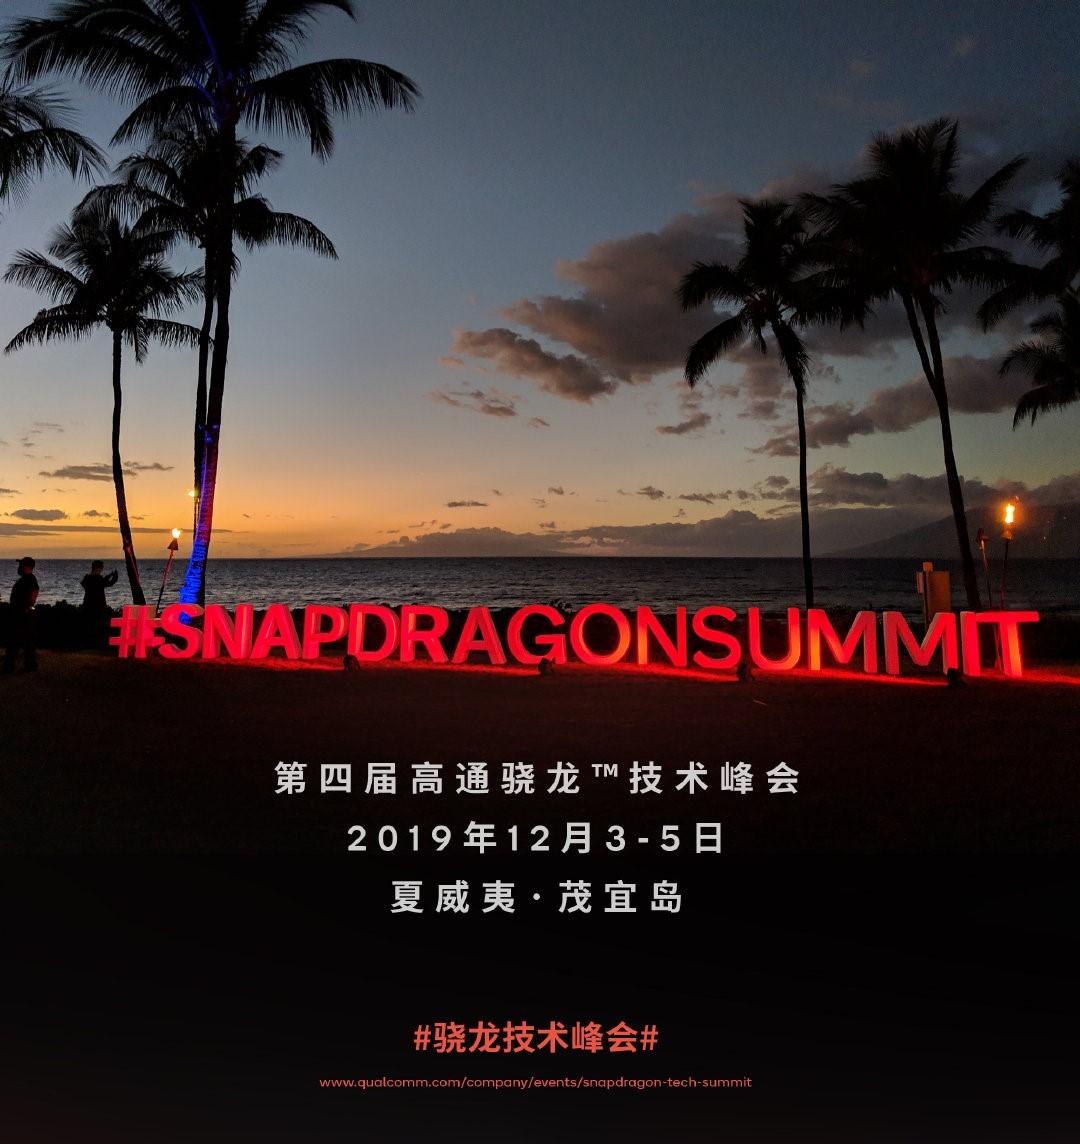 高通将直播在夏威夷举办的骁龙技术峰会主题演讲